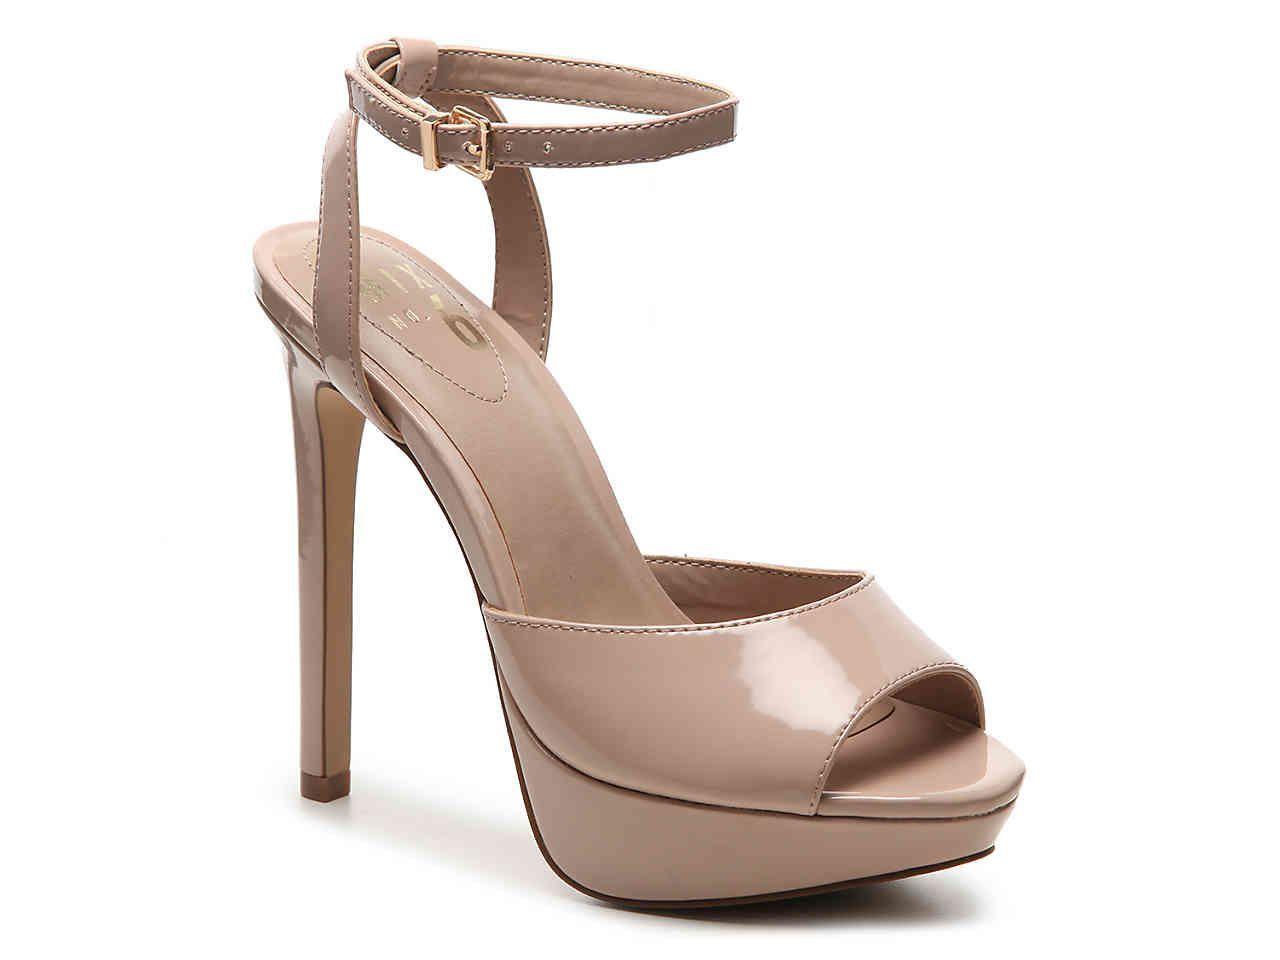 8b6fa5cd6ec Storlie Platform Sandal #platformsandals | Platform Sandals ...